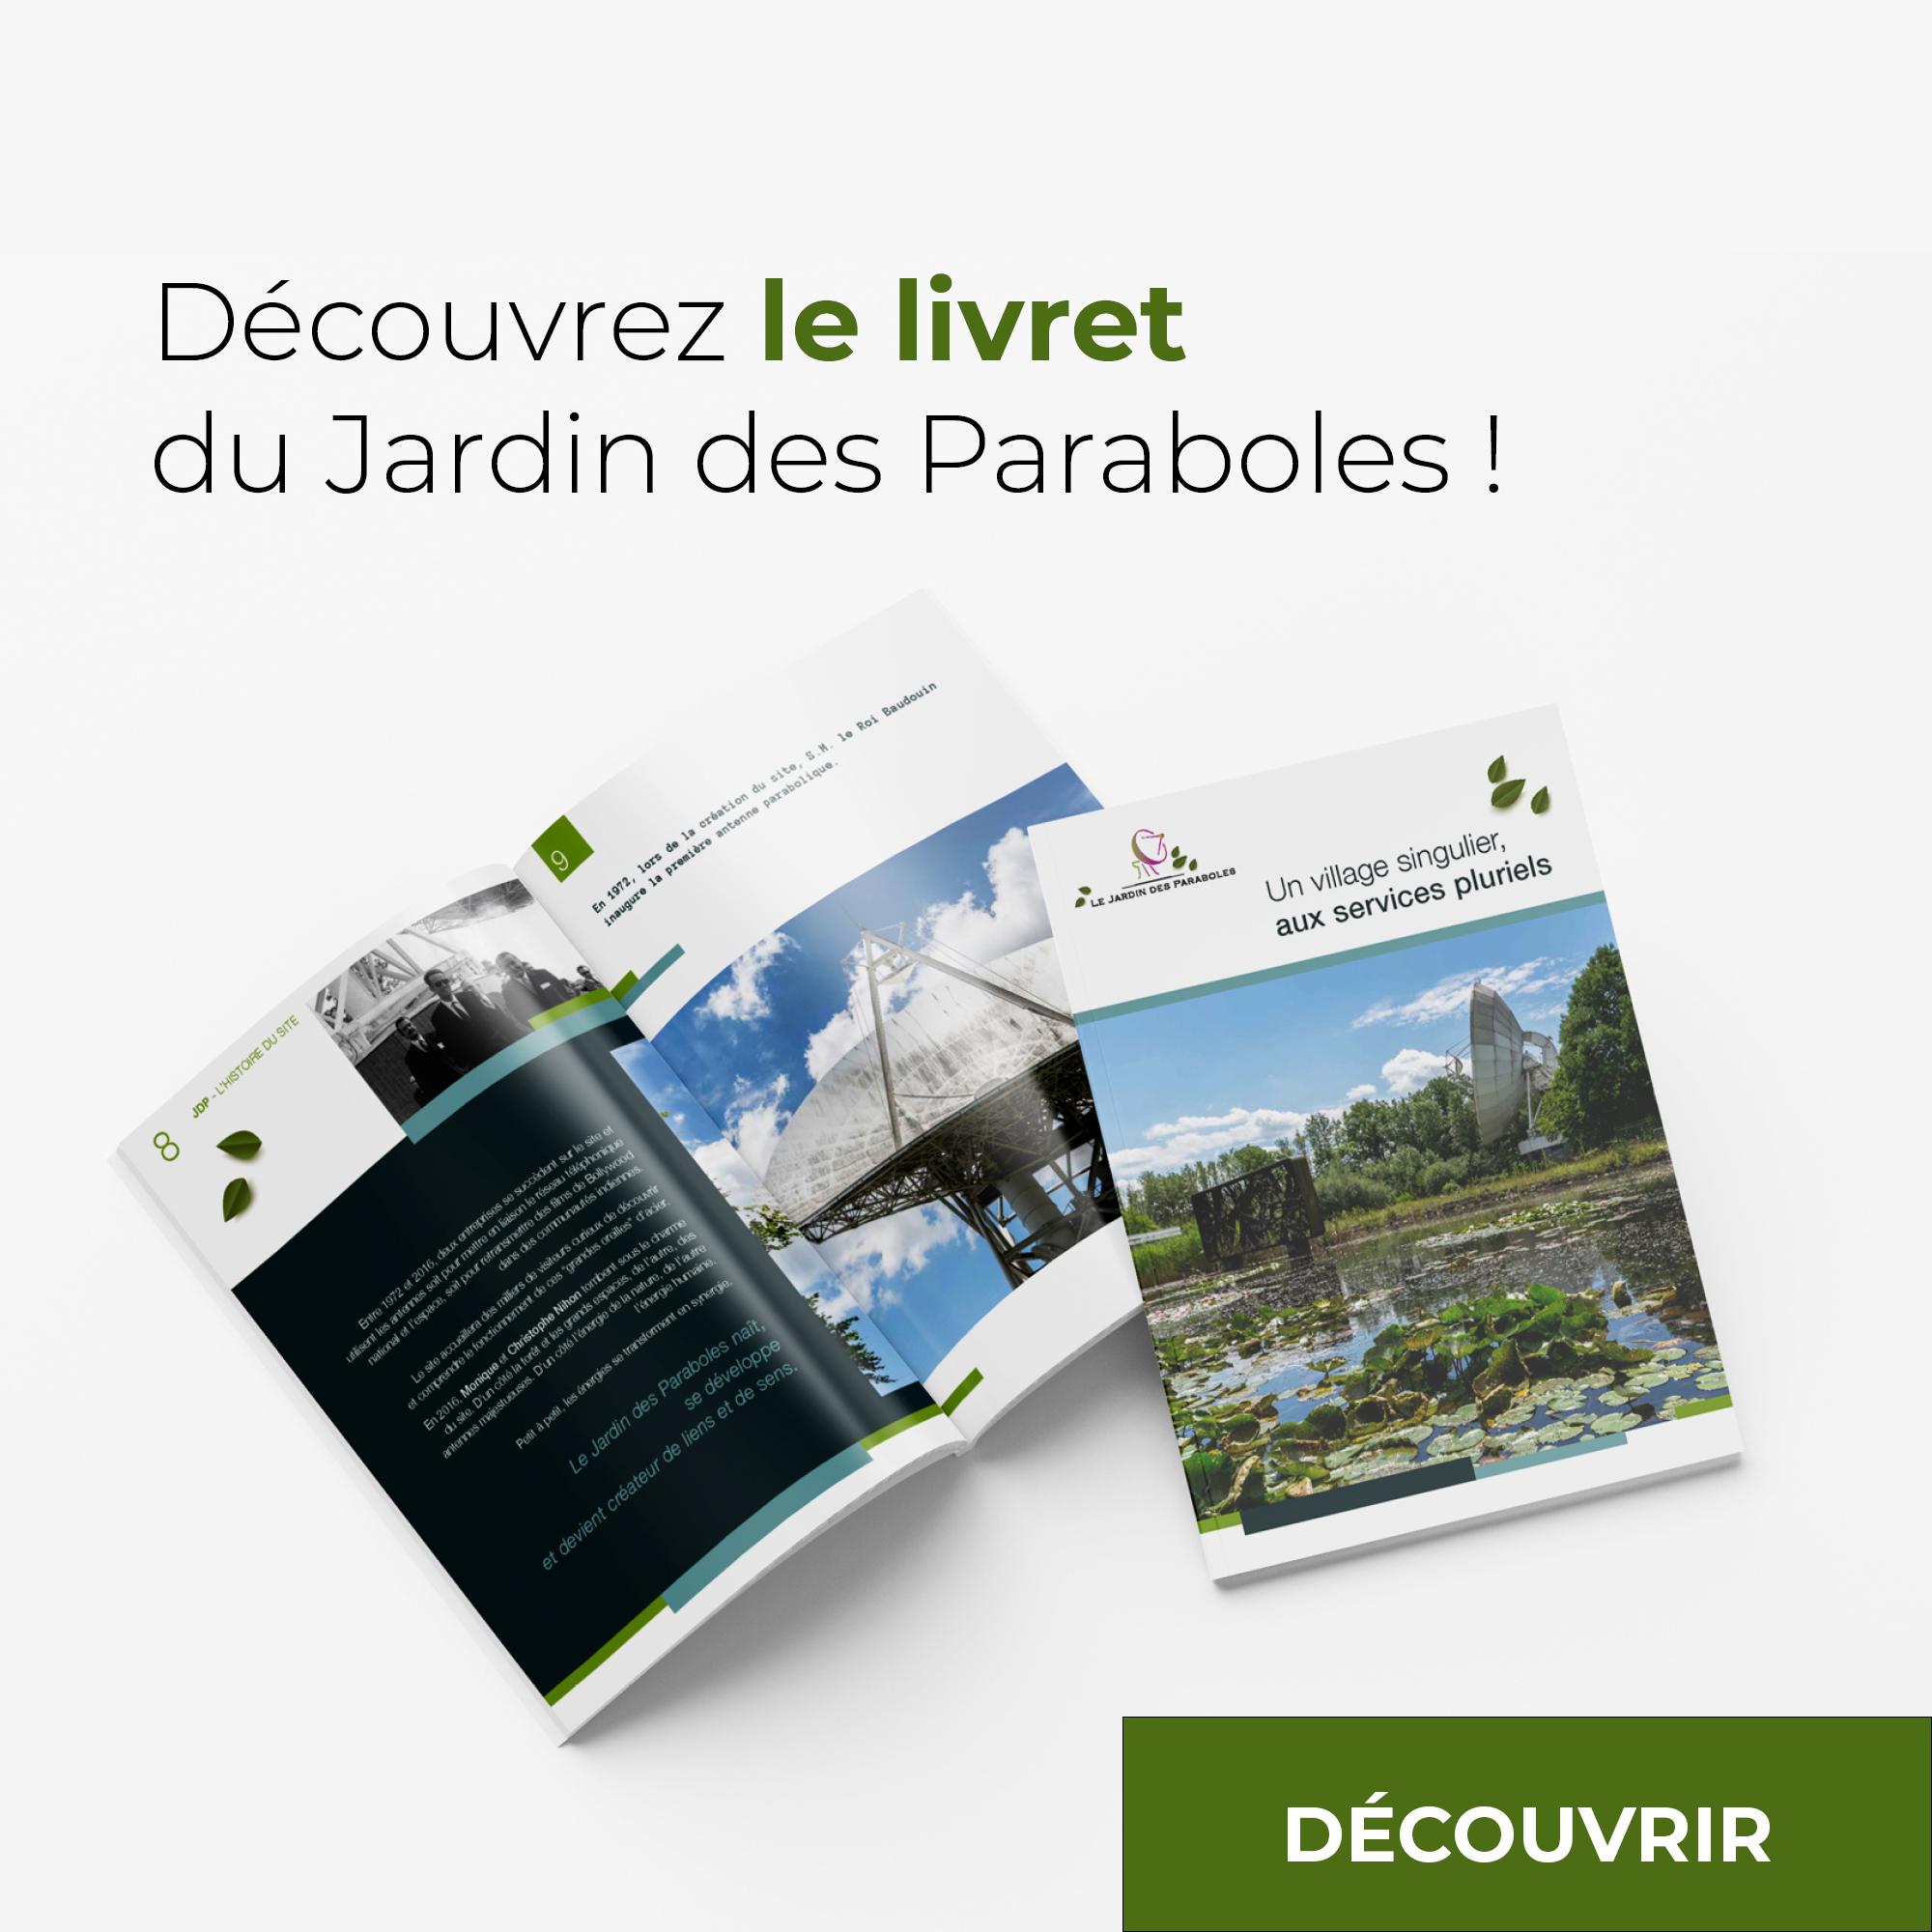 Découvrir le livret du Jardin des Paraboles !